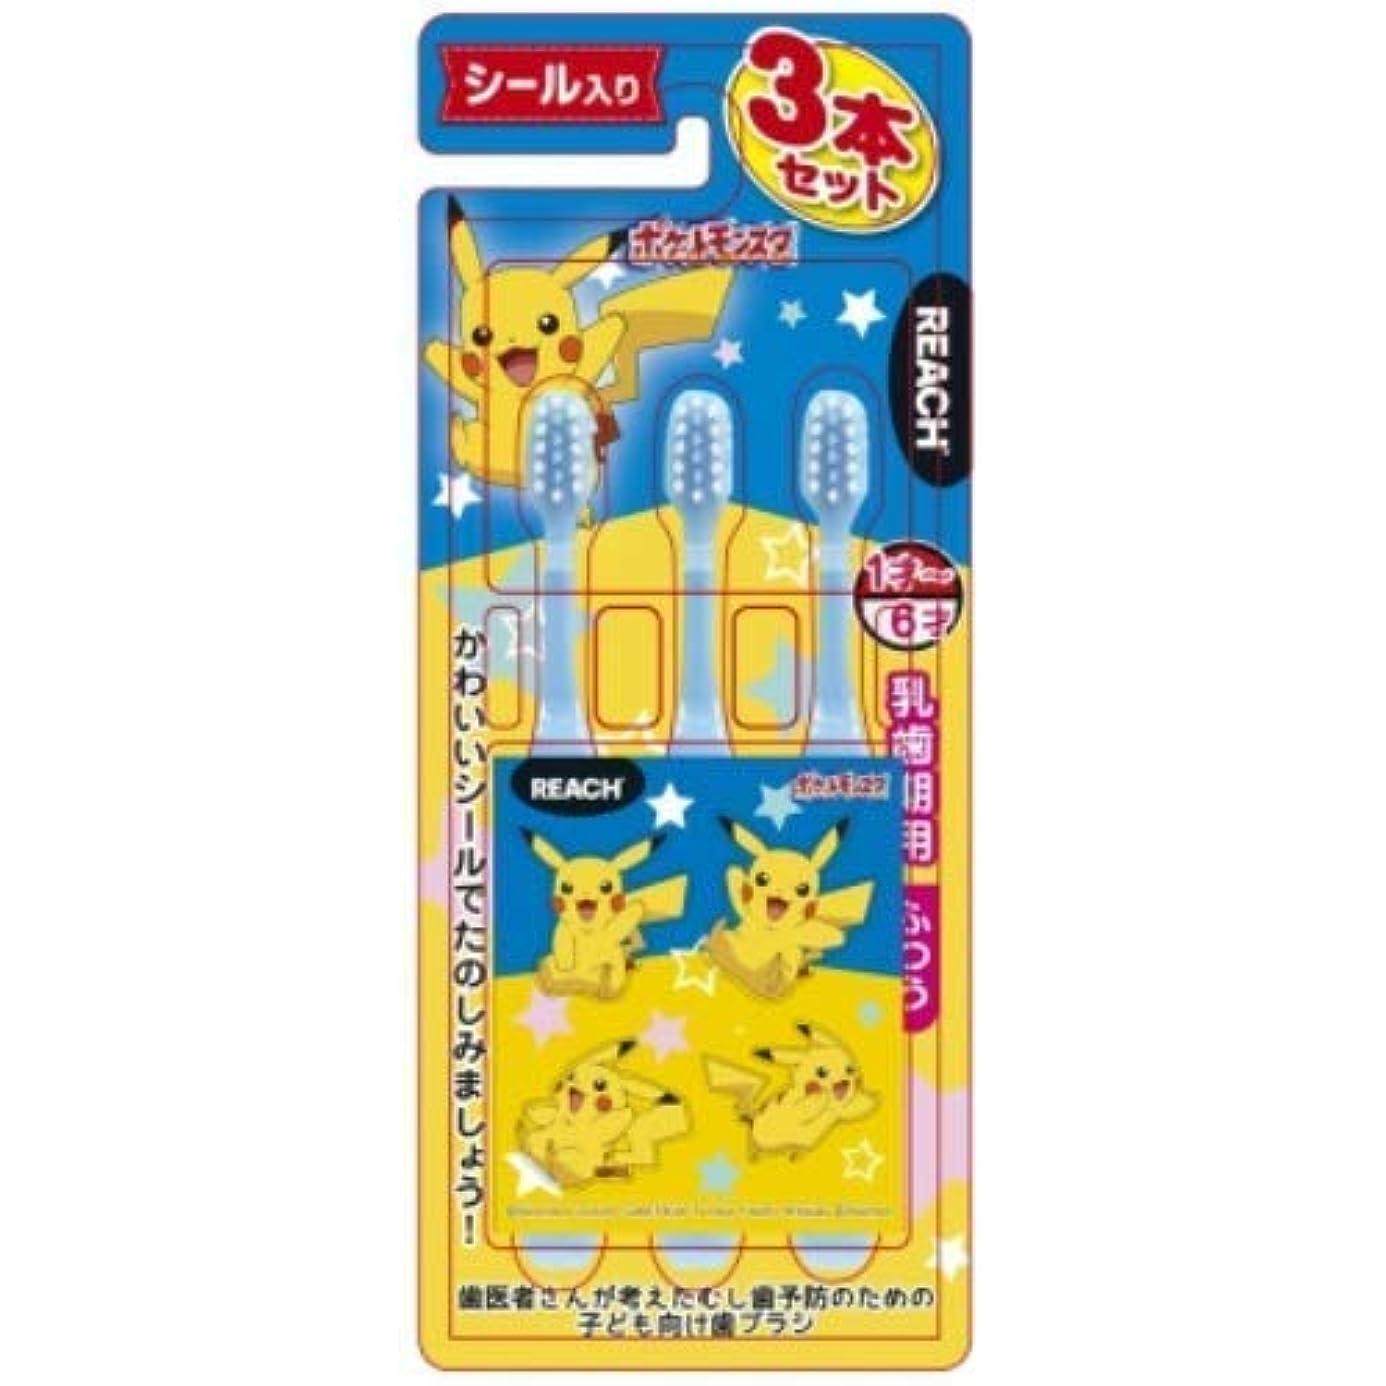 雑草専門化するマーティンルーサーキングジュニアリーチキッズ3本(シール入り) ポケモン 乳歯期用 × 8個セット